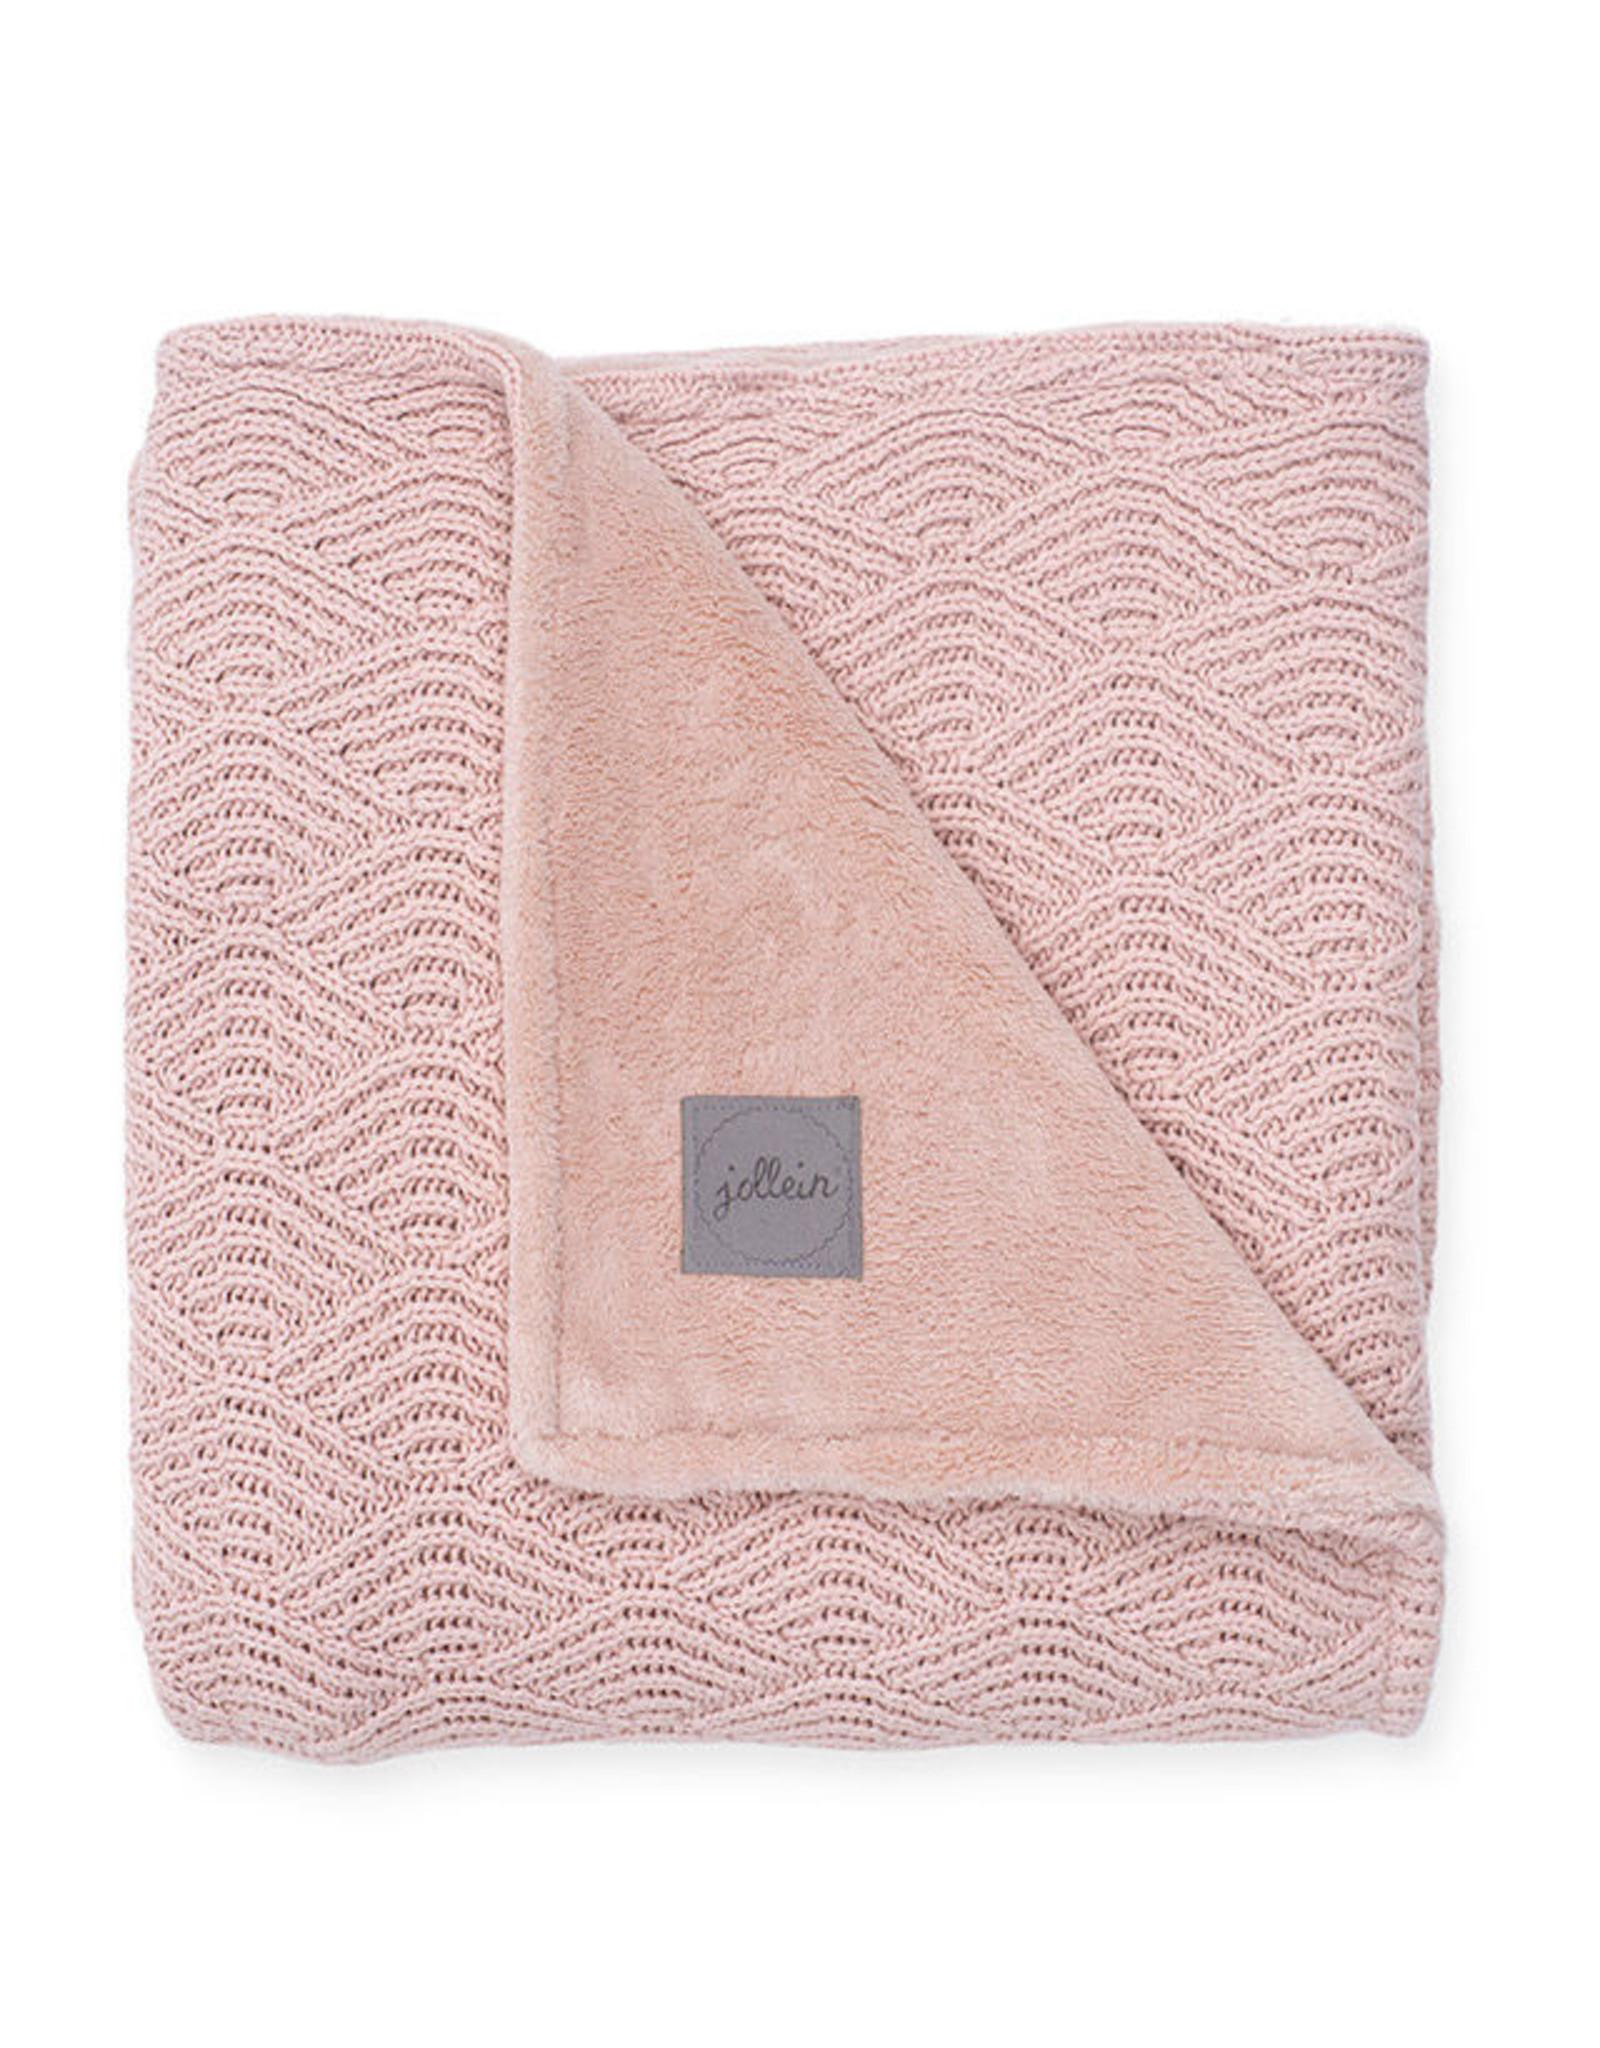 Jollein Jollein Deken 4 Seizoenen 100x150 cm Pale Pink/Coral Fleece